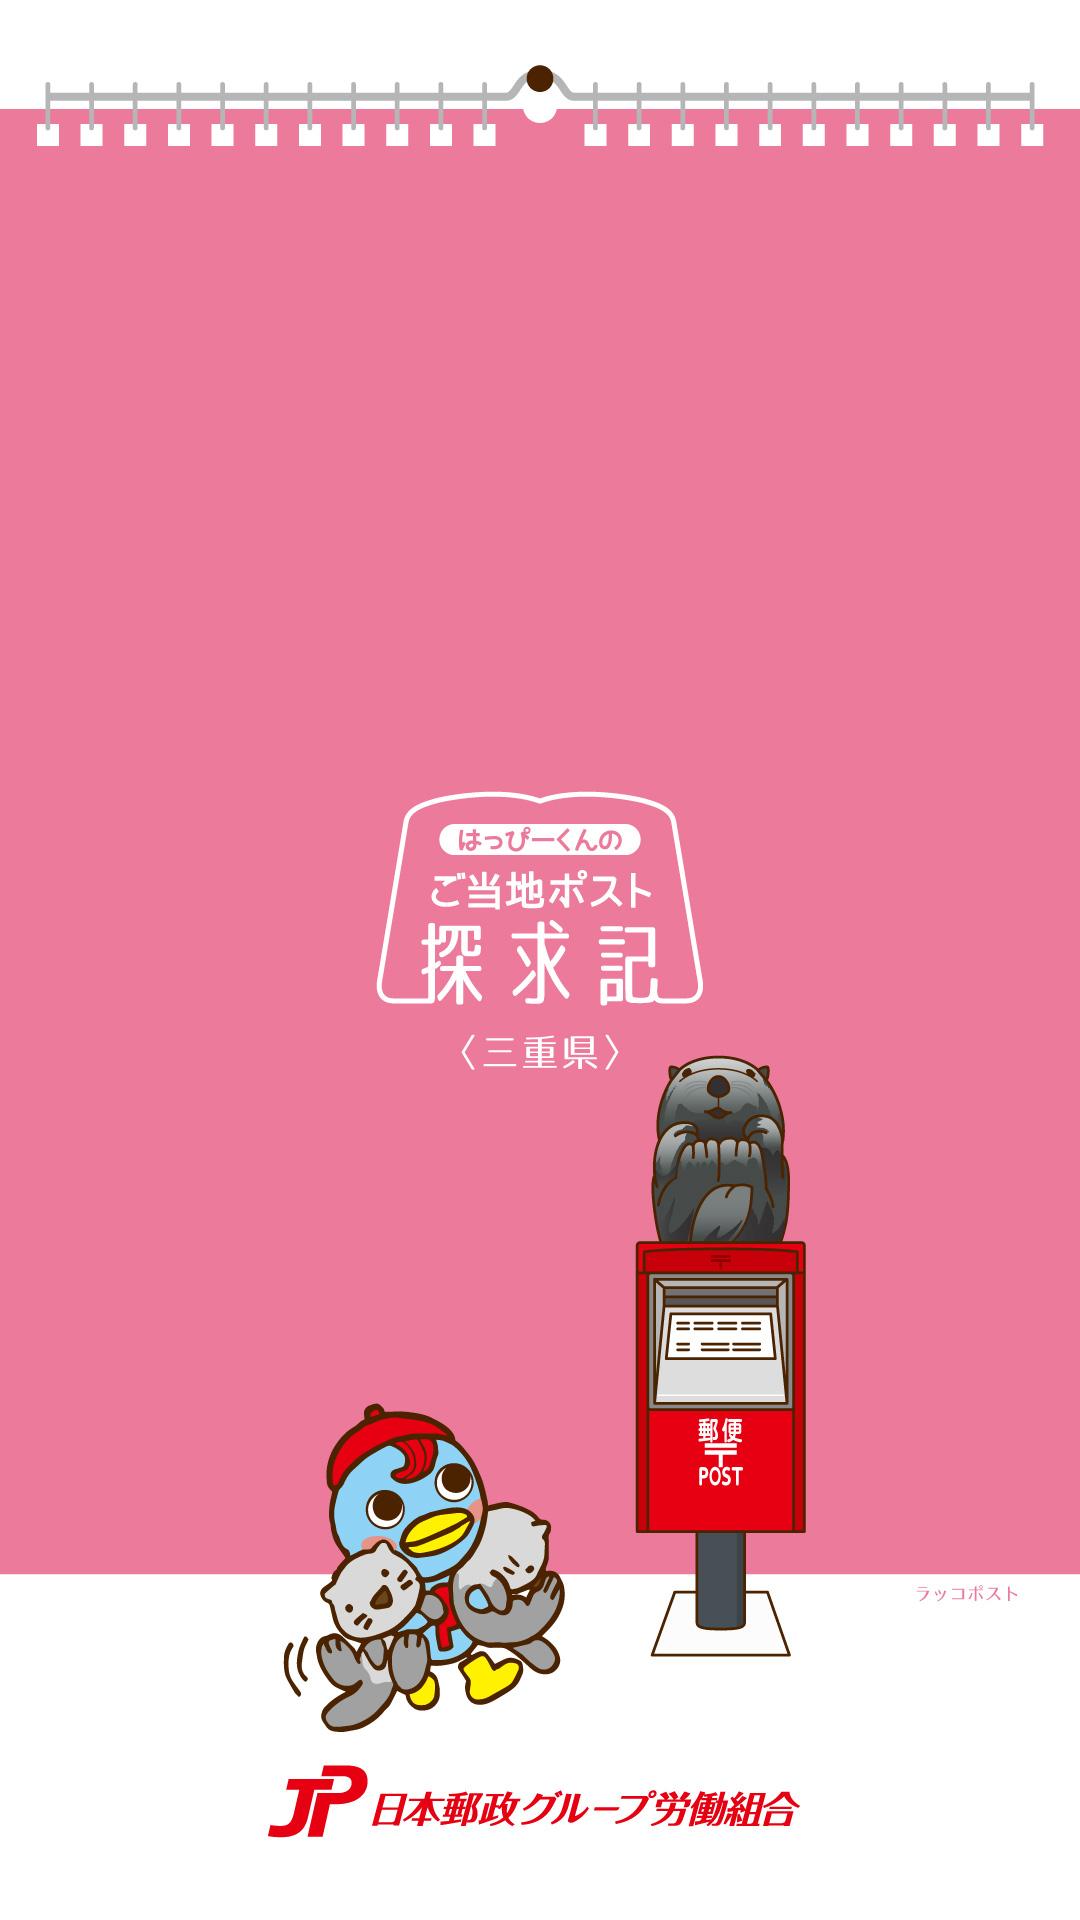 携帯待受カレンダー 壁紙ダウンロード 日本郵政グループ労働組合